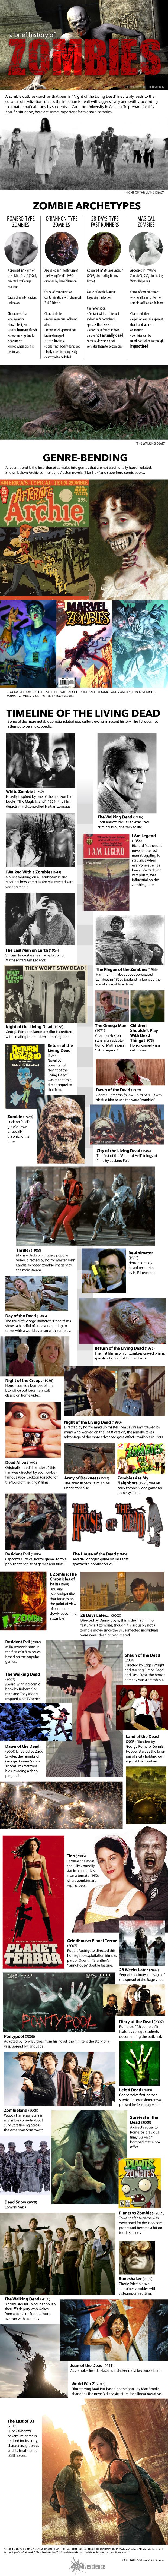 Комплетен водич за преживување зомби апокалипса